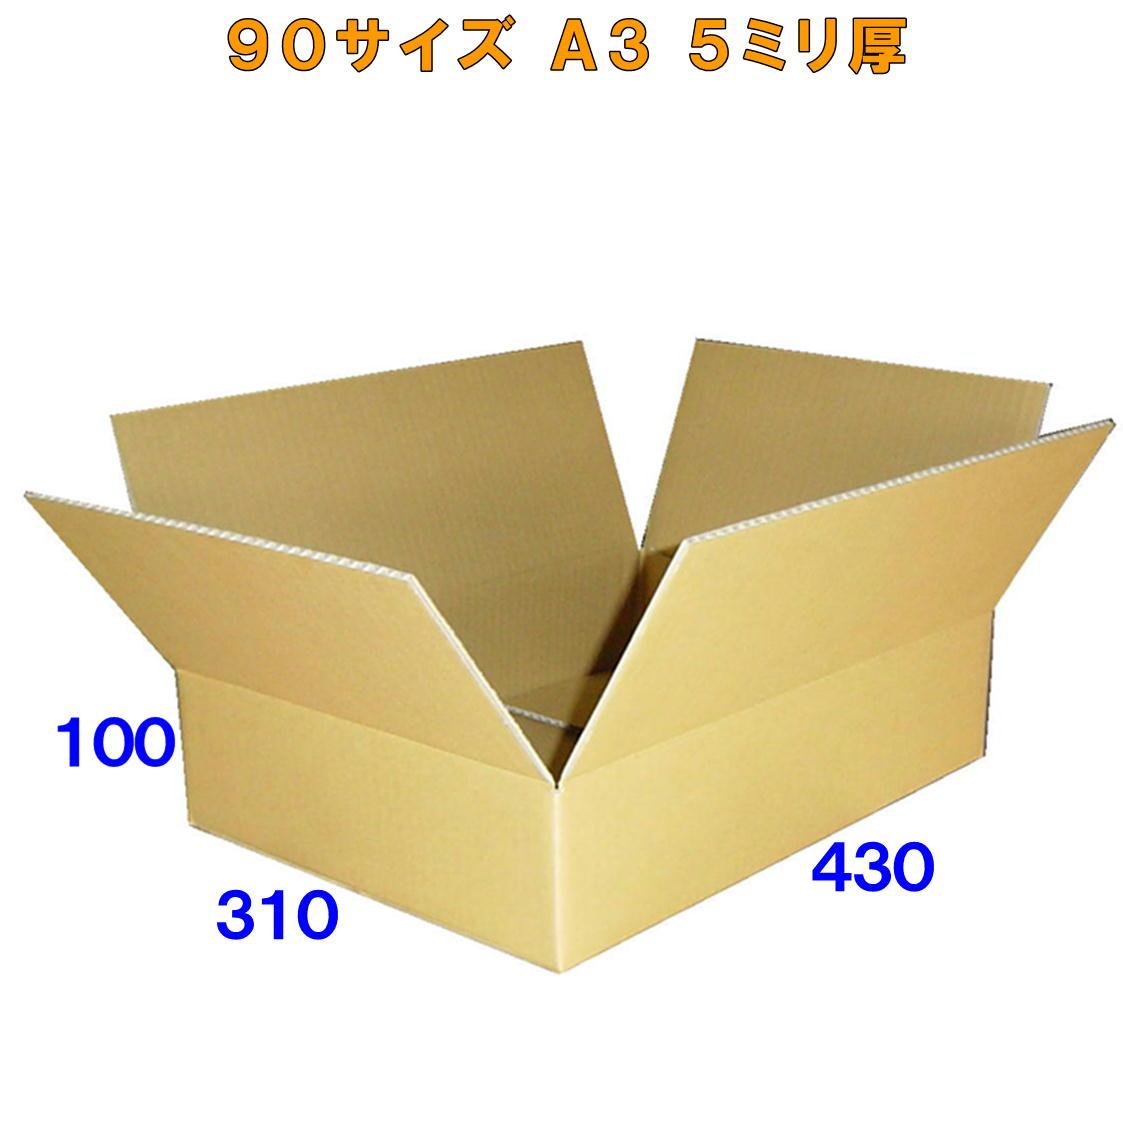 100サイズ(90サイズ)ダンボール箱 A3 10枚 5ミリ厚※この商品はヤマト運輸での配送です※